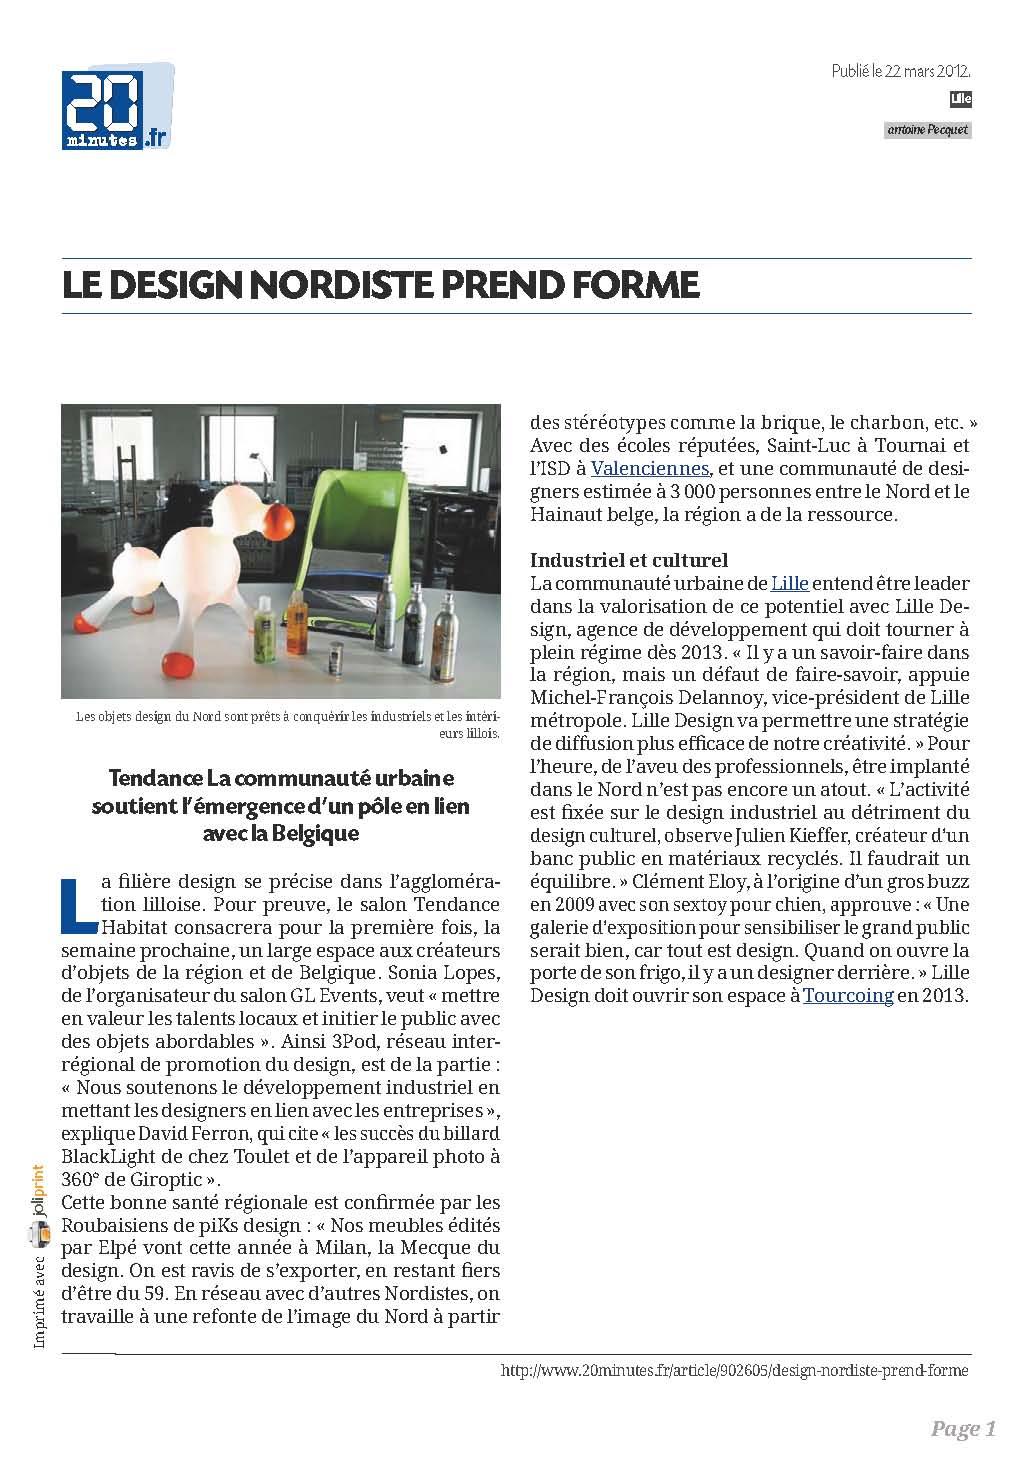 Presse-article-Billards-toulet-20minutes.fr-le-design-nordiste-prend-forme